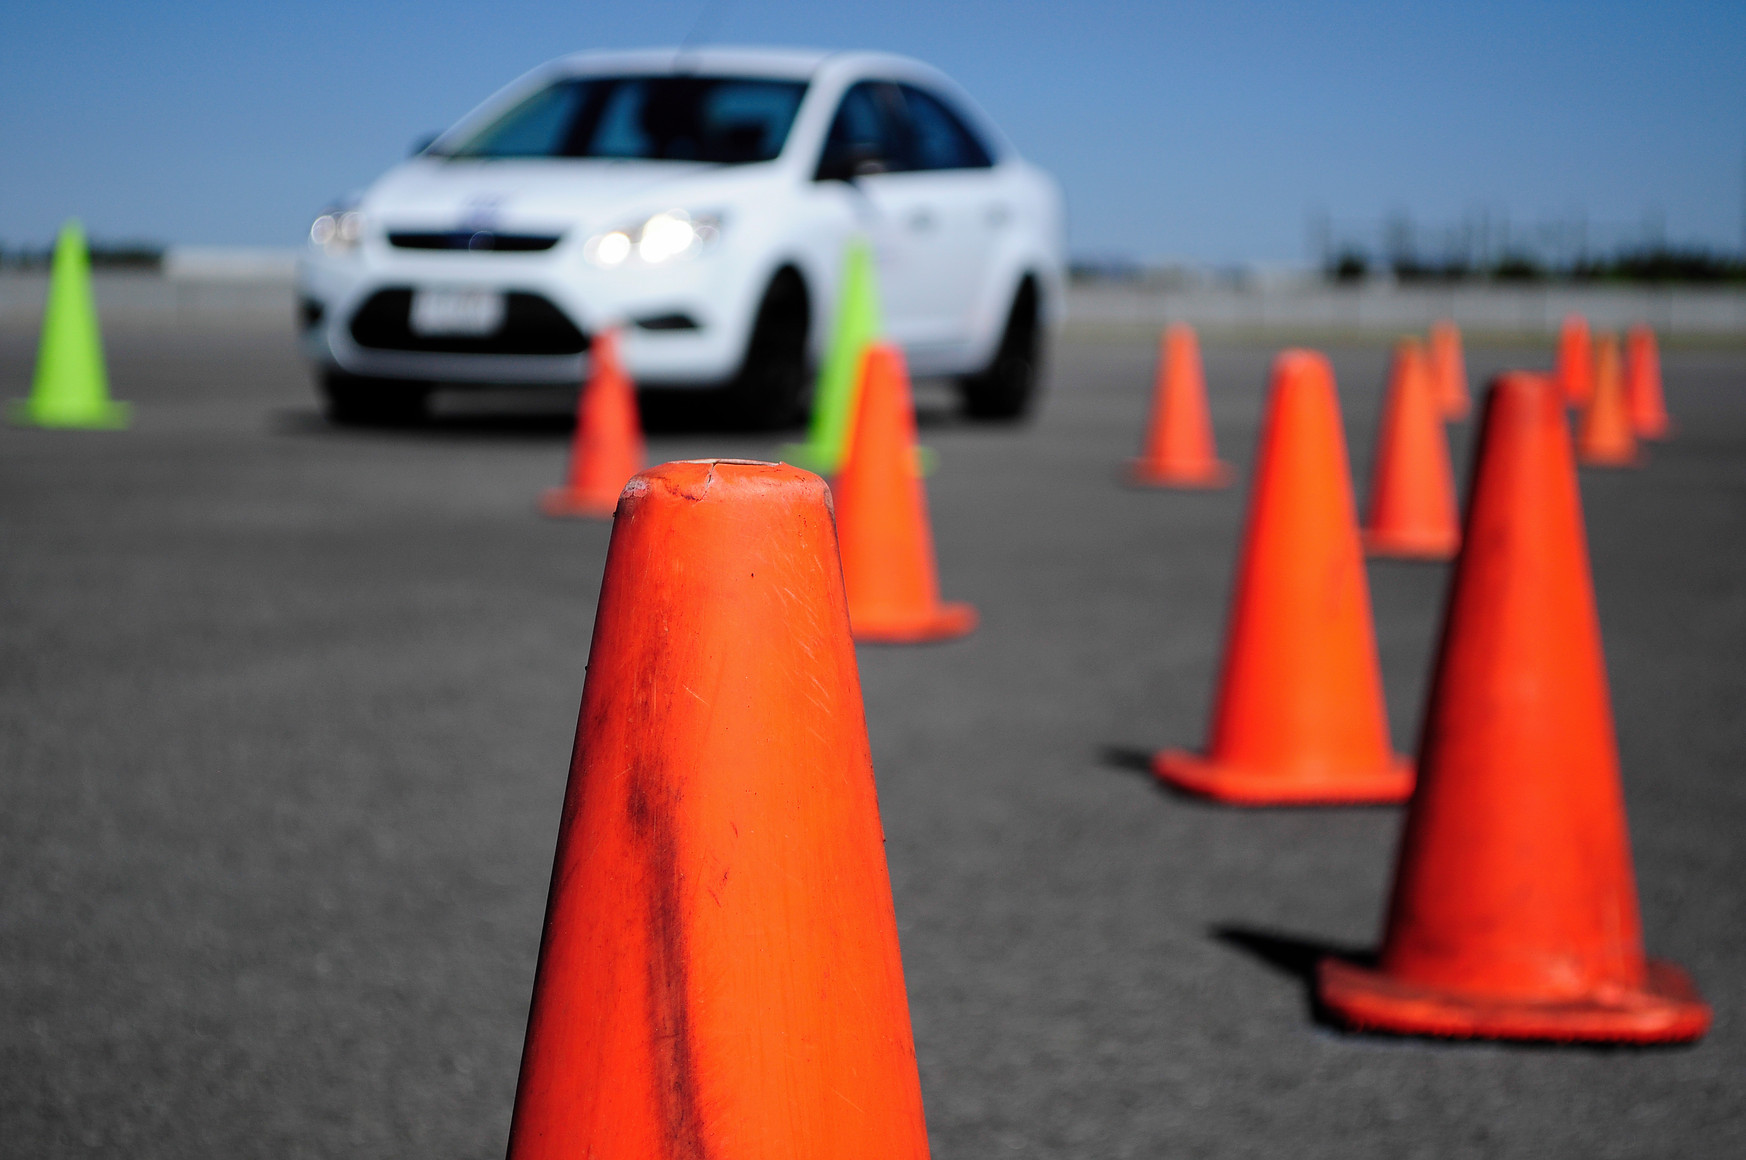 Rental car for road test